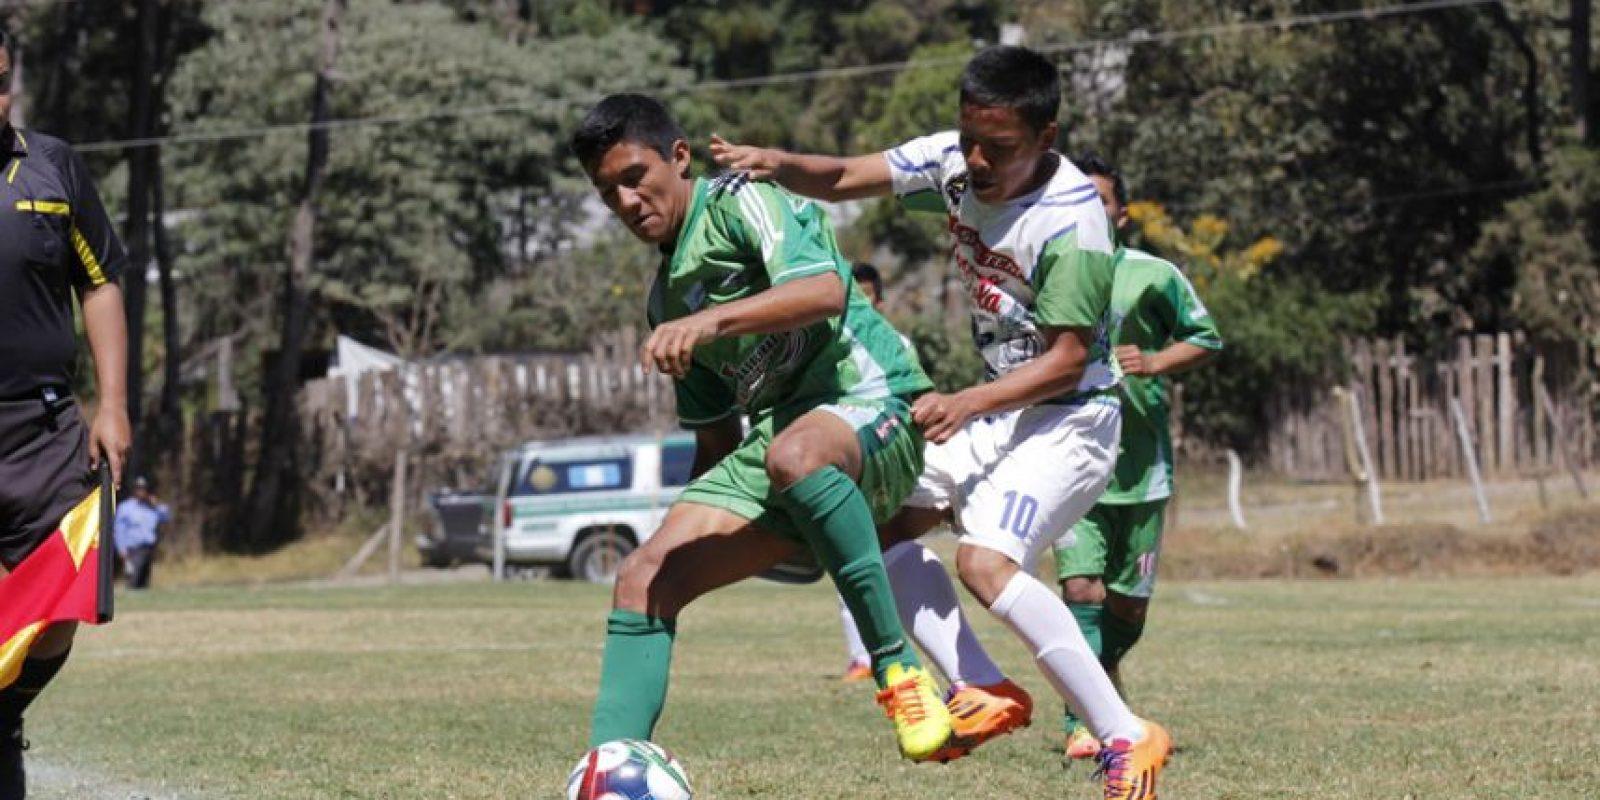 El Tecnológico venció 2-0 en la final de su eliminatoria al Kaibil Balam huehueteco. Foto:DIGEF